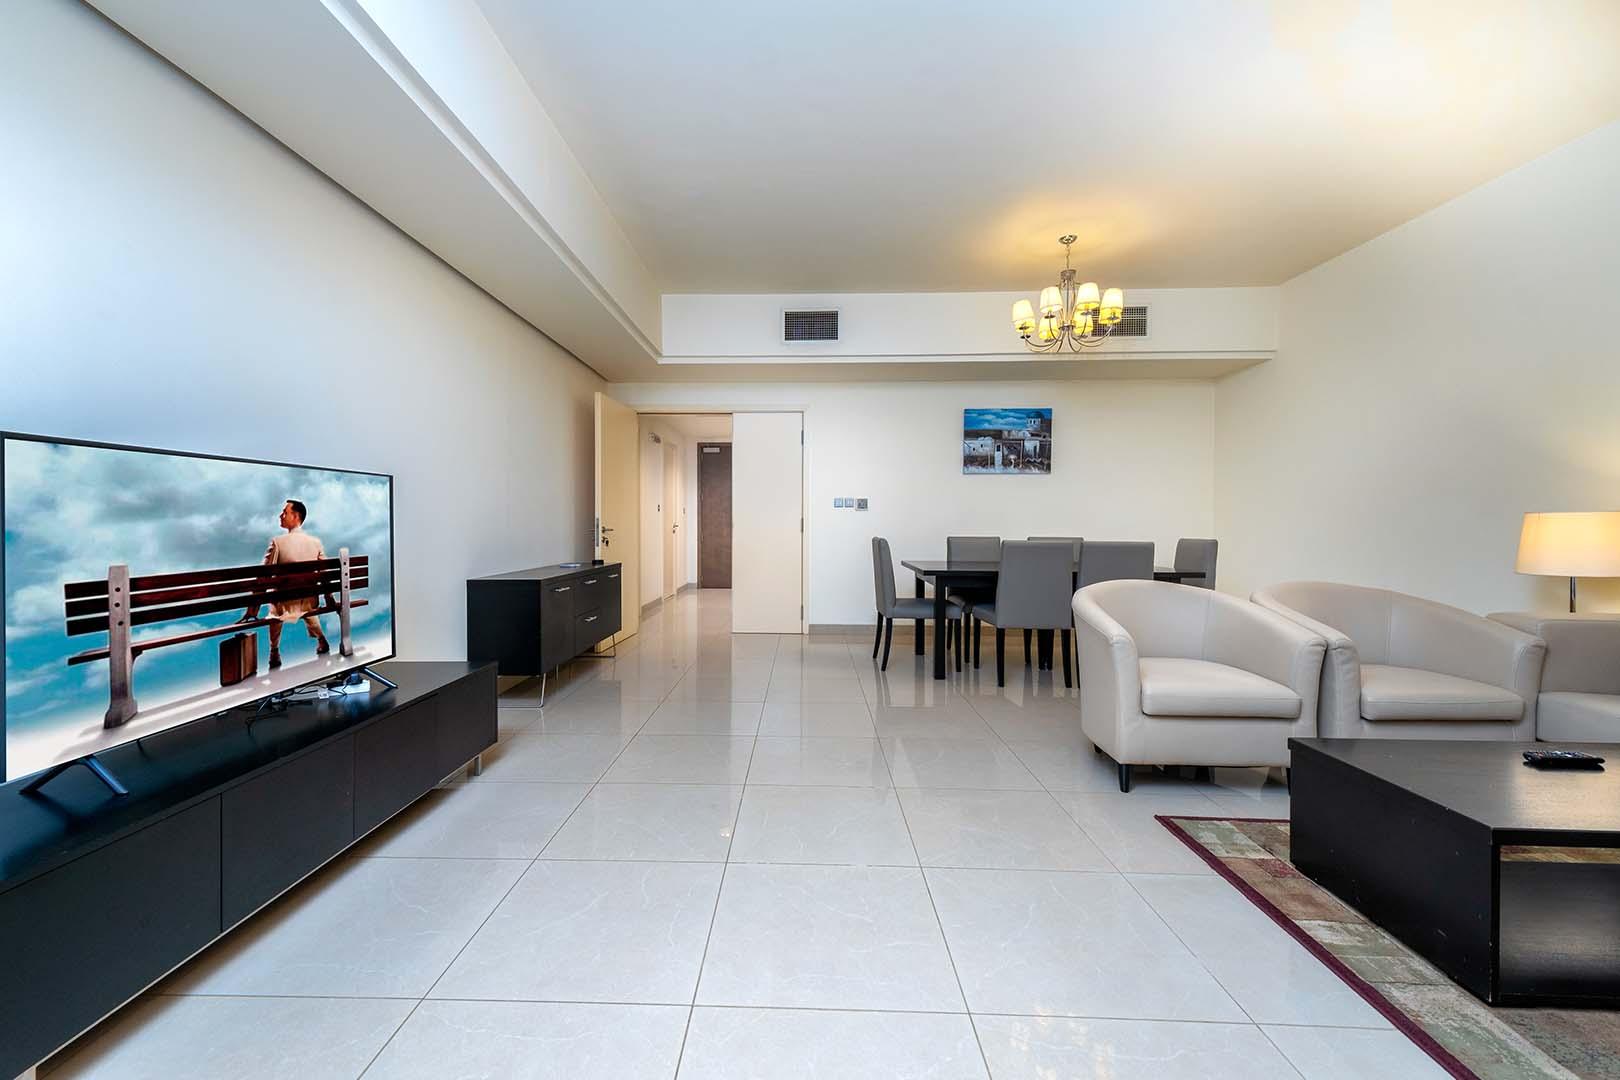 Finaa Alfardan - Alfardan Properties Oman 11